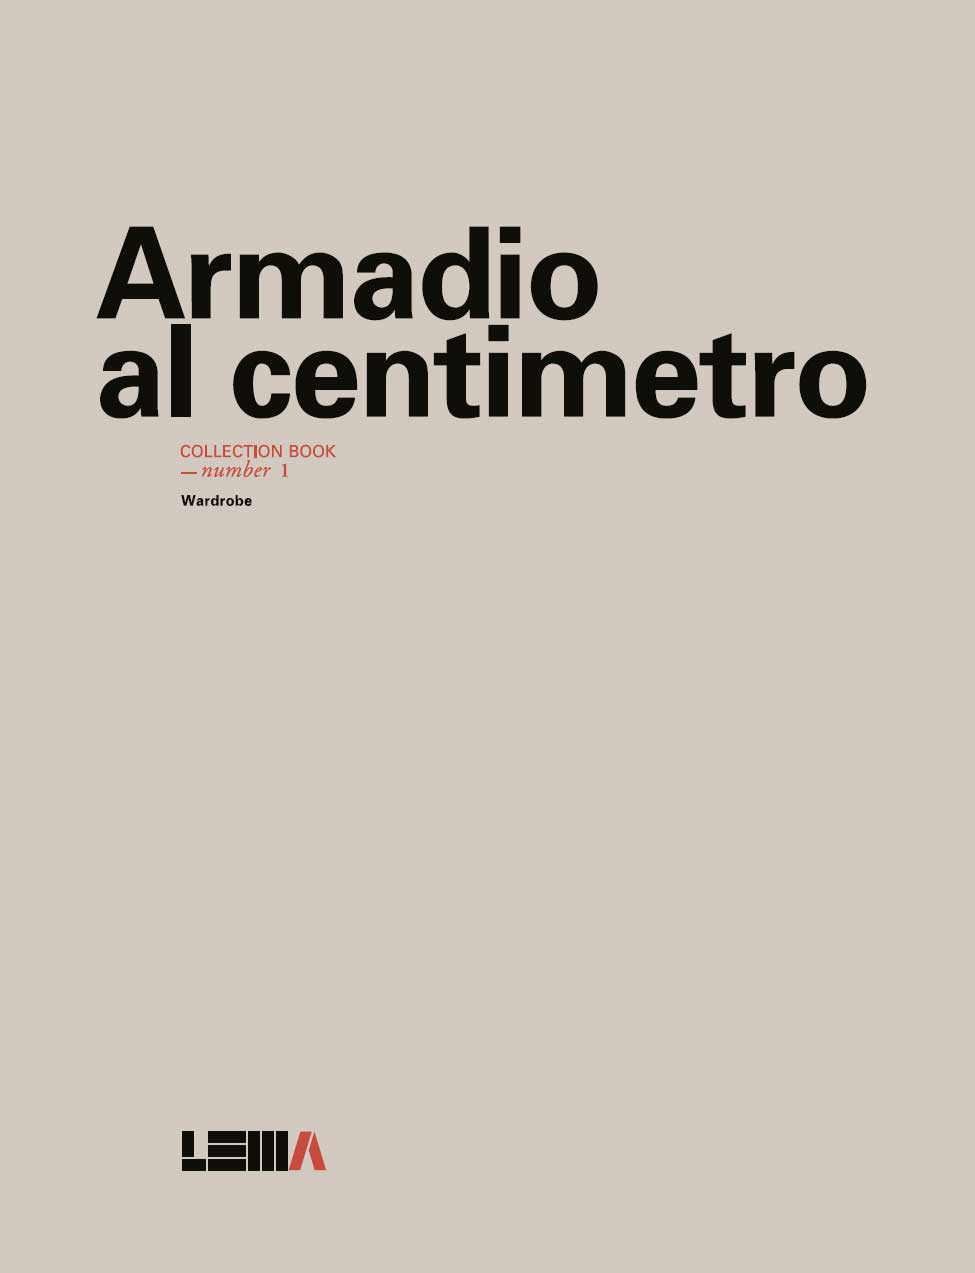 Armadio al Centimetro Book 1 2014 - Alberto Schiatti